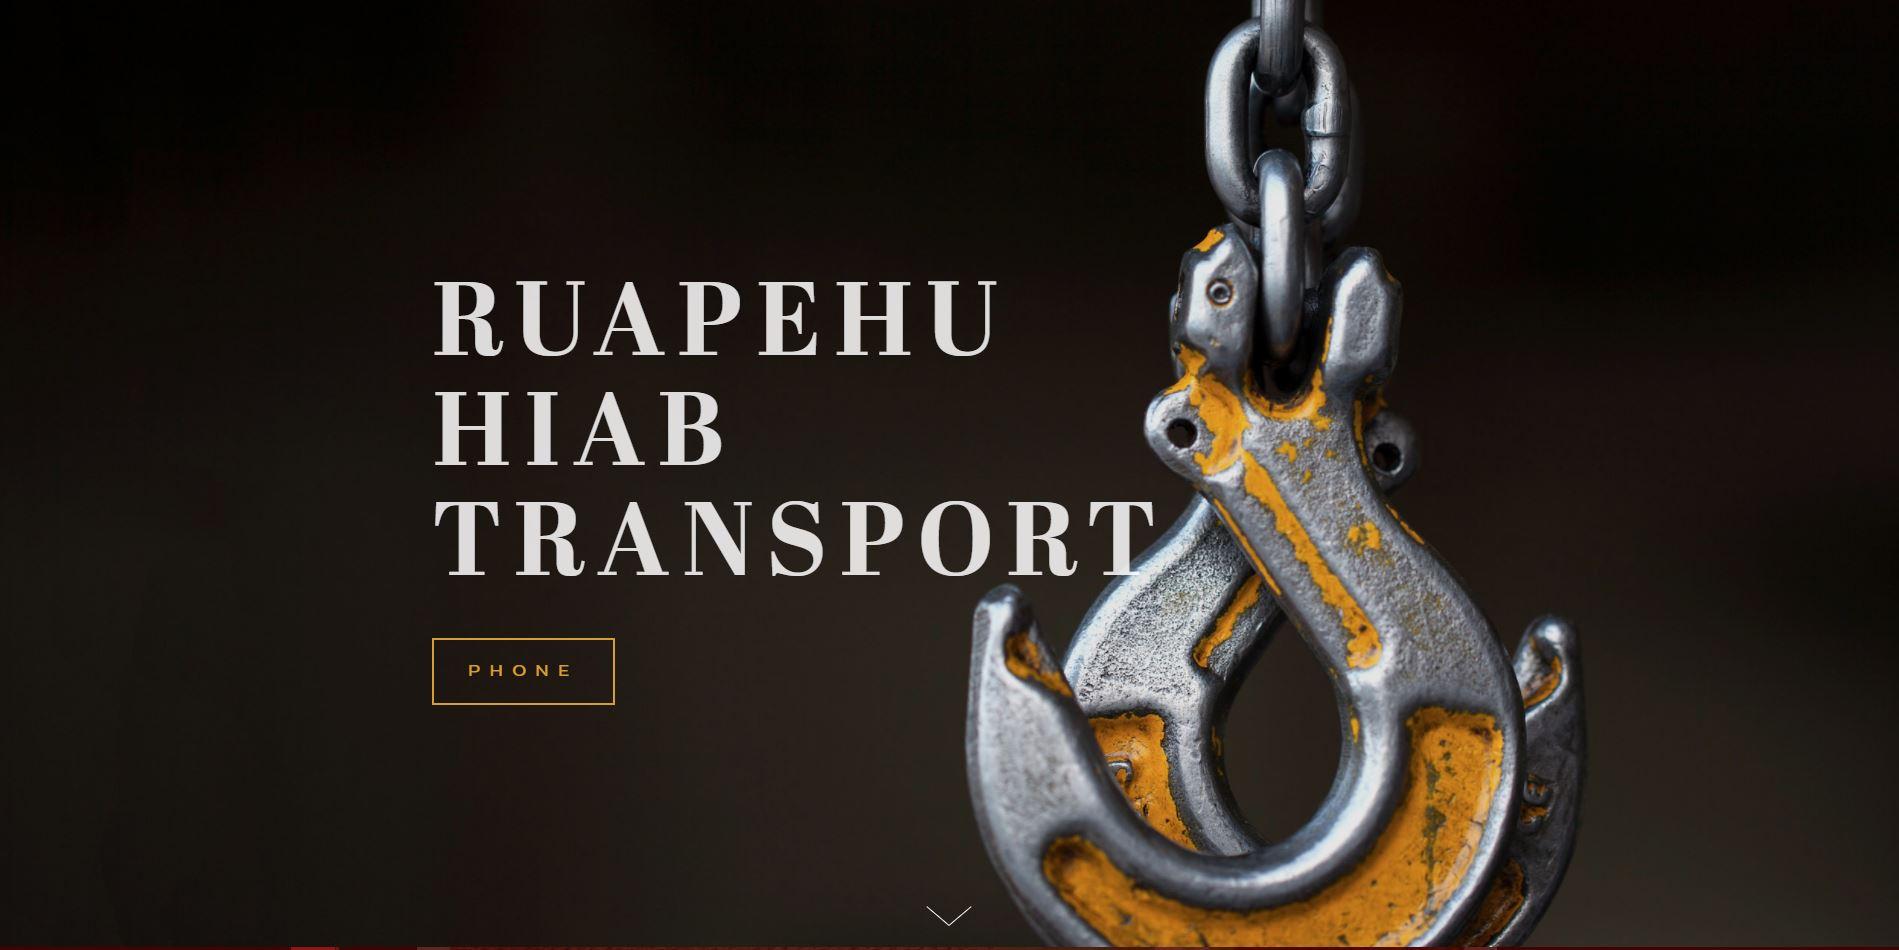 Ruapehu Hiab Transport Ltd